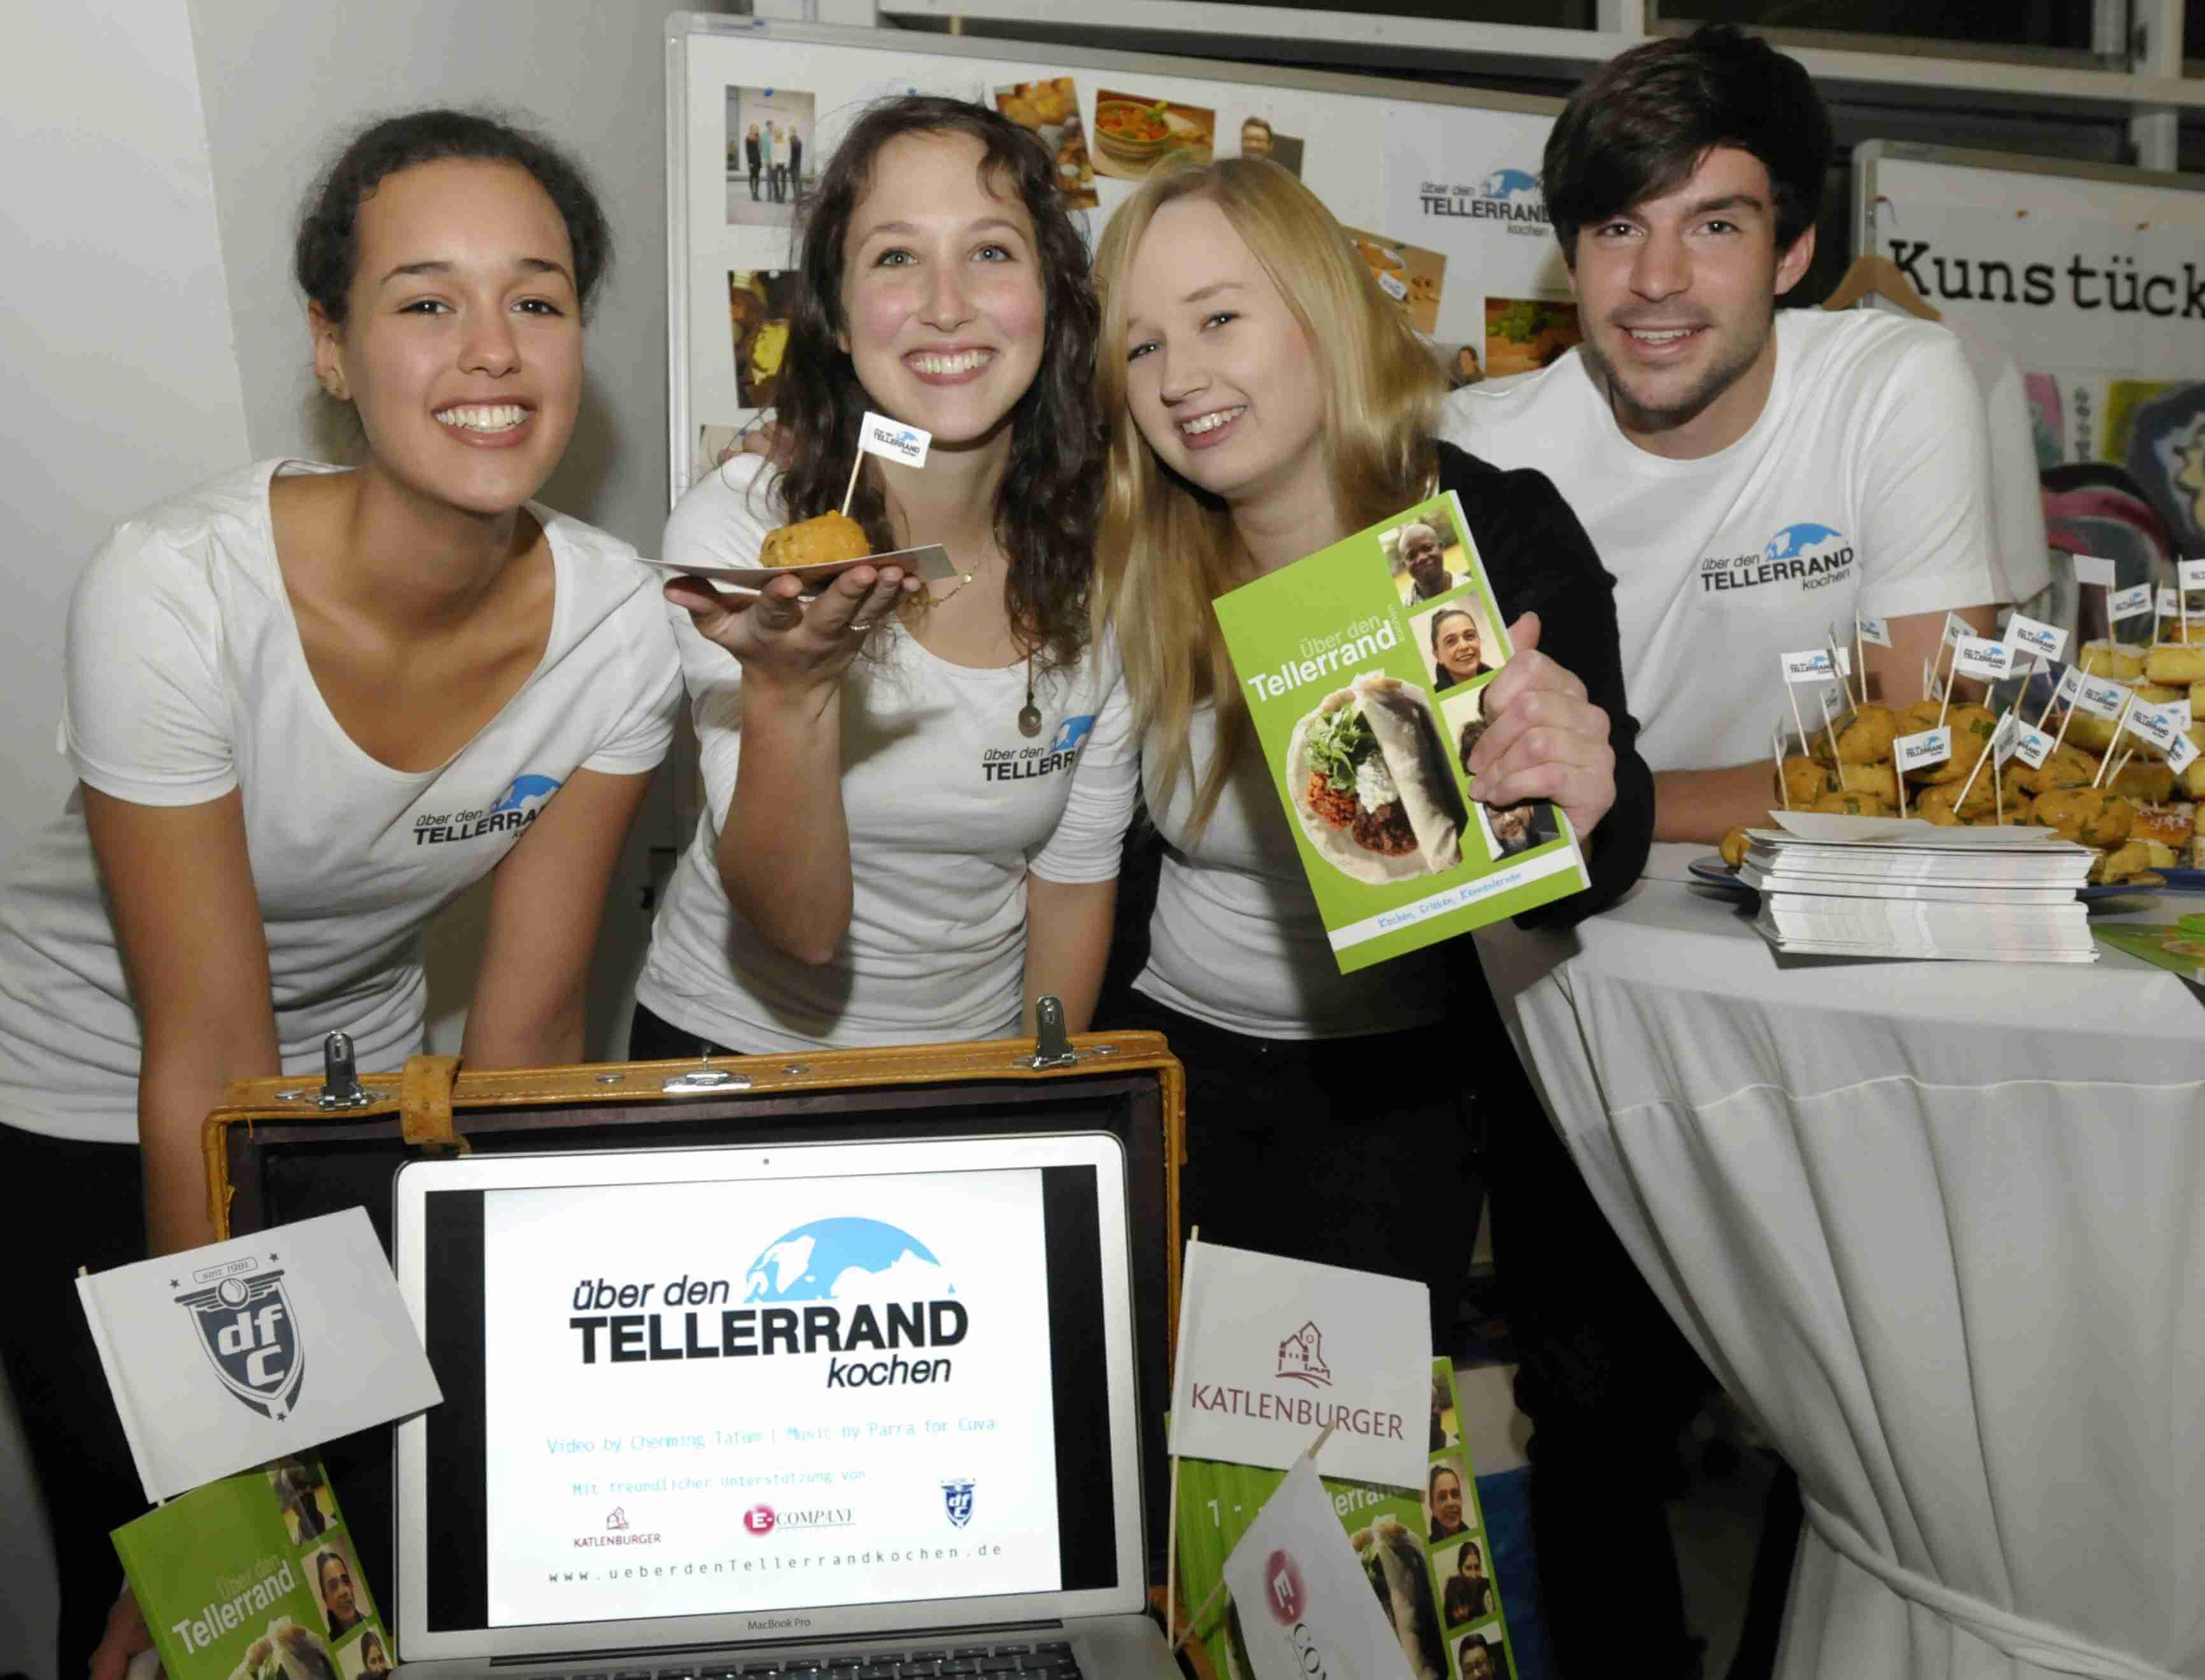 """Kochbuch mit Asylanten beim Wettbewerb """"go for social!"""" ausgezeichnet."""